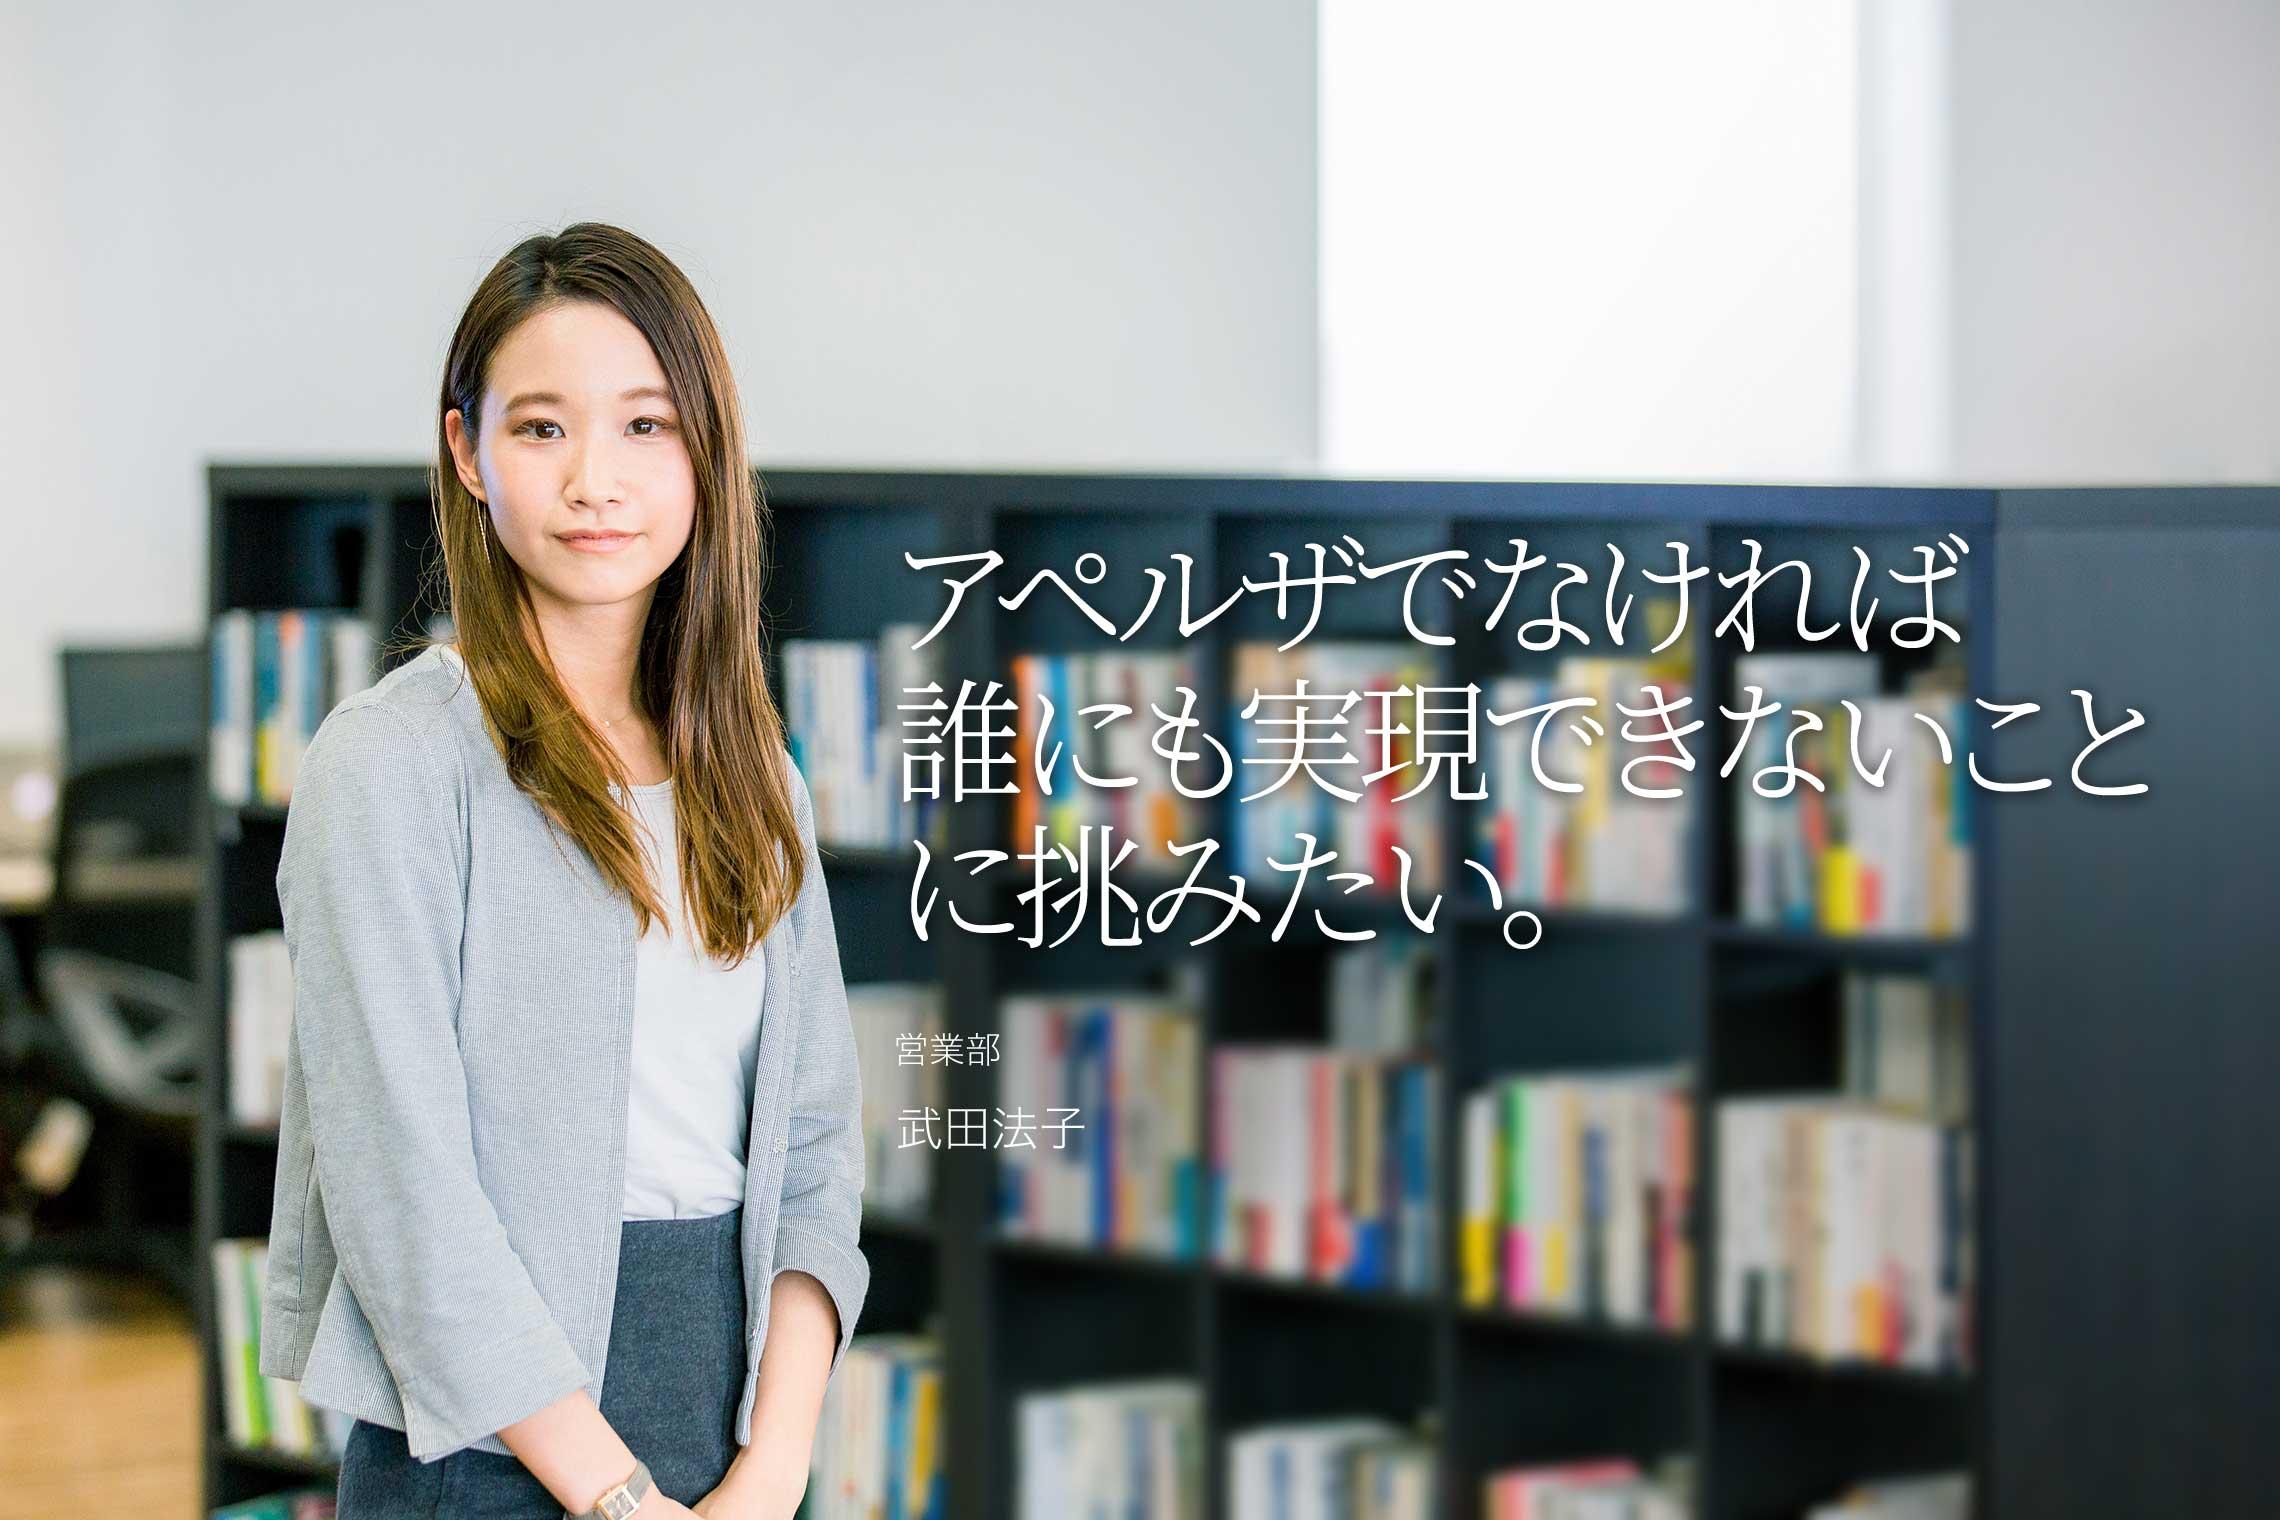 アペルザでなければ誰にも実現できないことに、挑みたい。 営業部 営業企画  武田法子